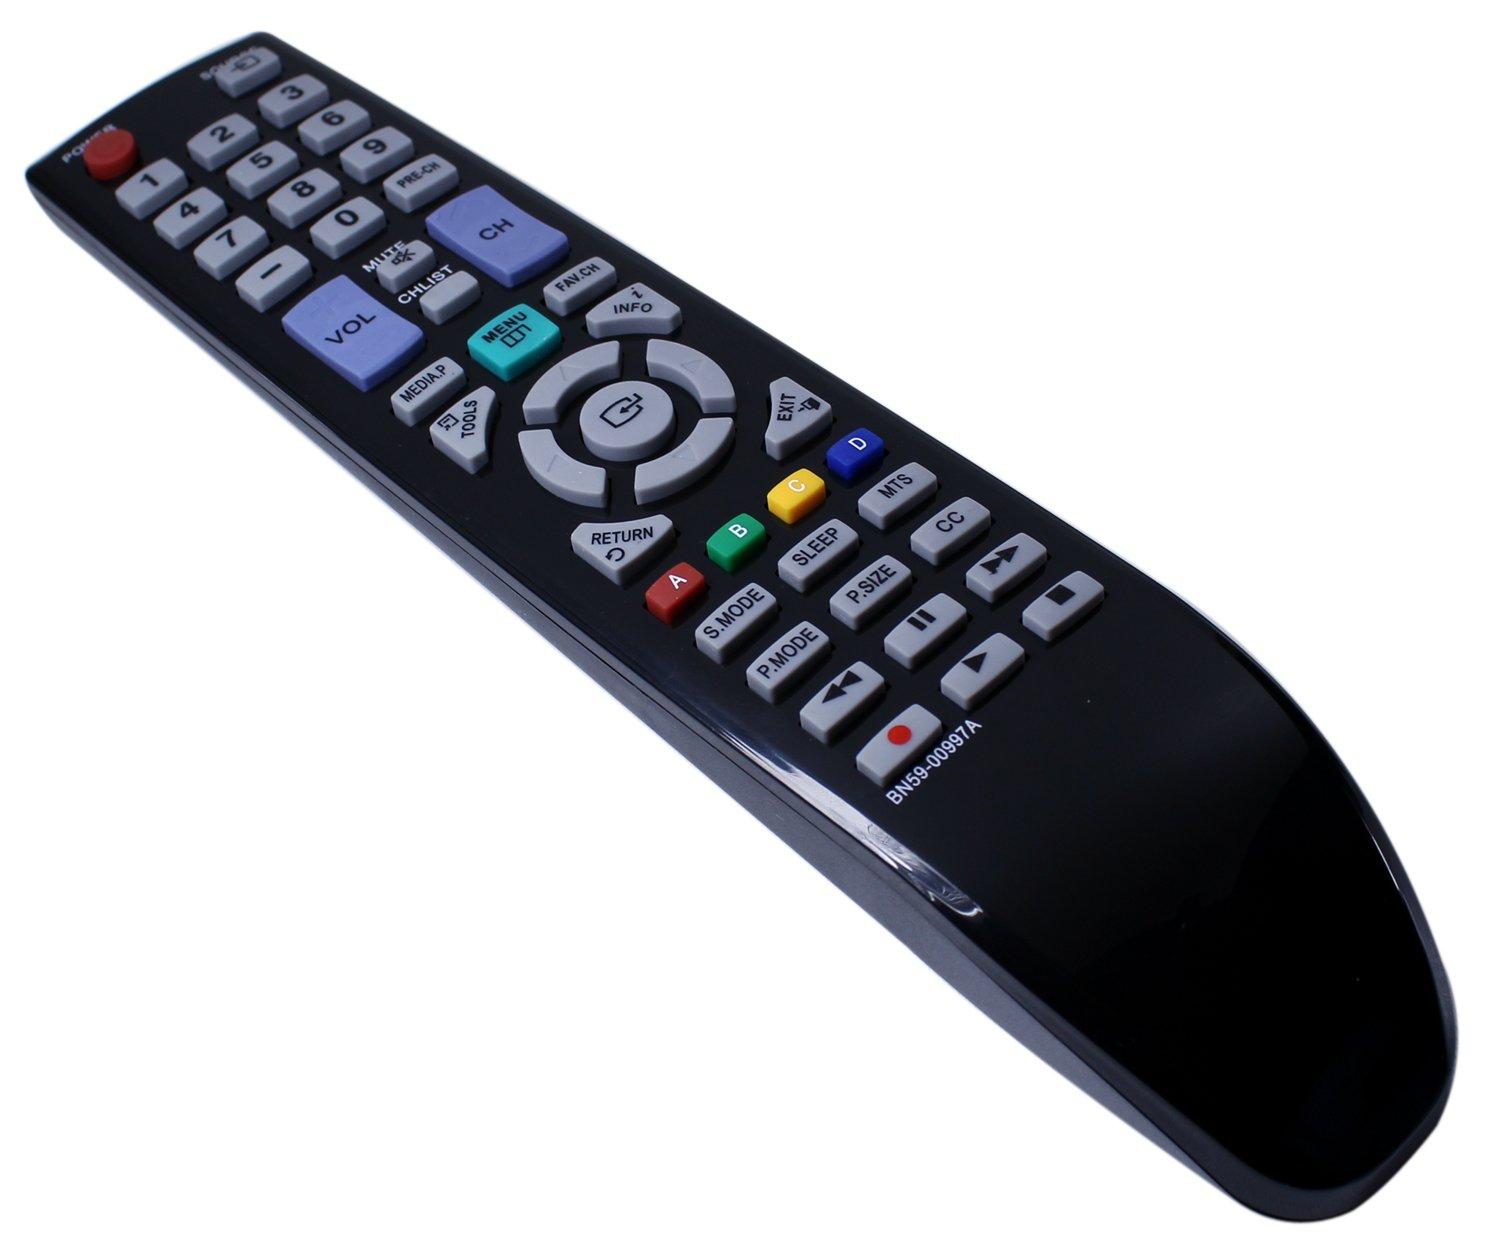 Cheap Samsung Remote Bn59 Codes, Find Samsung Remote Bn59